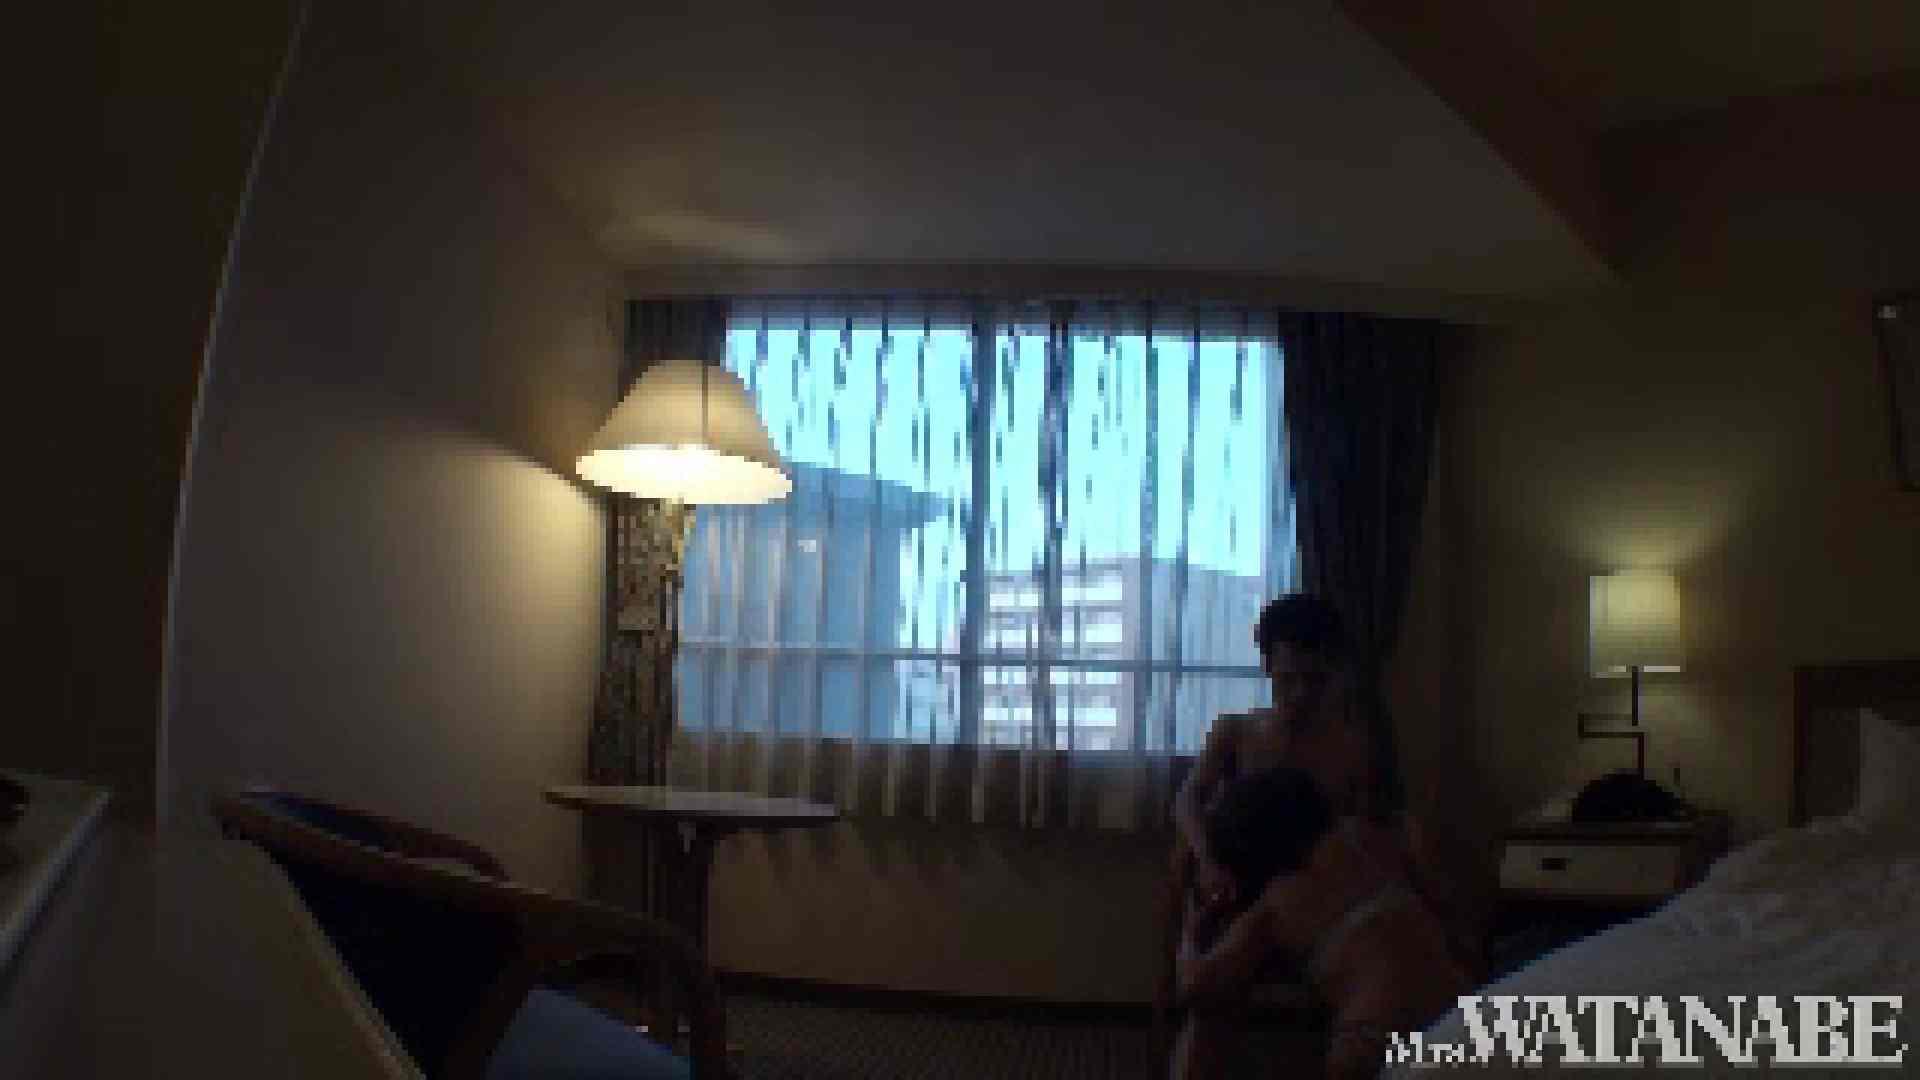 撮影スタッフを誘惑する痴熟女 かおり40歳 Vol.03 OLのエッチ  93pic 40